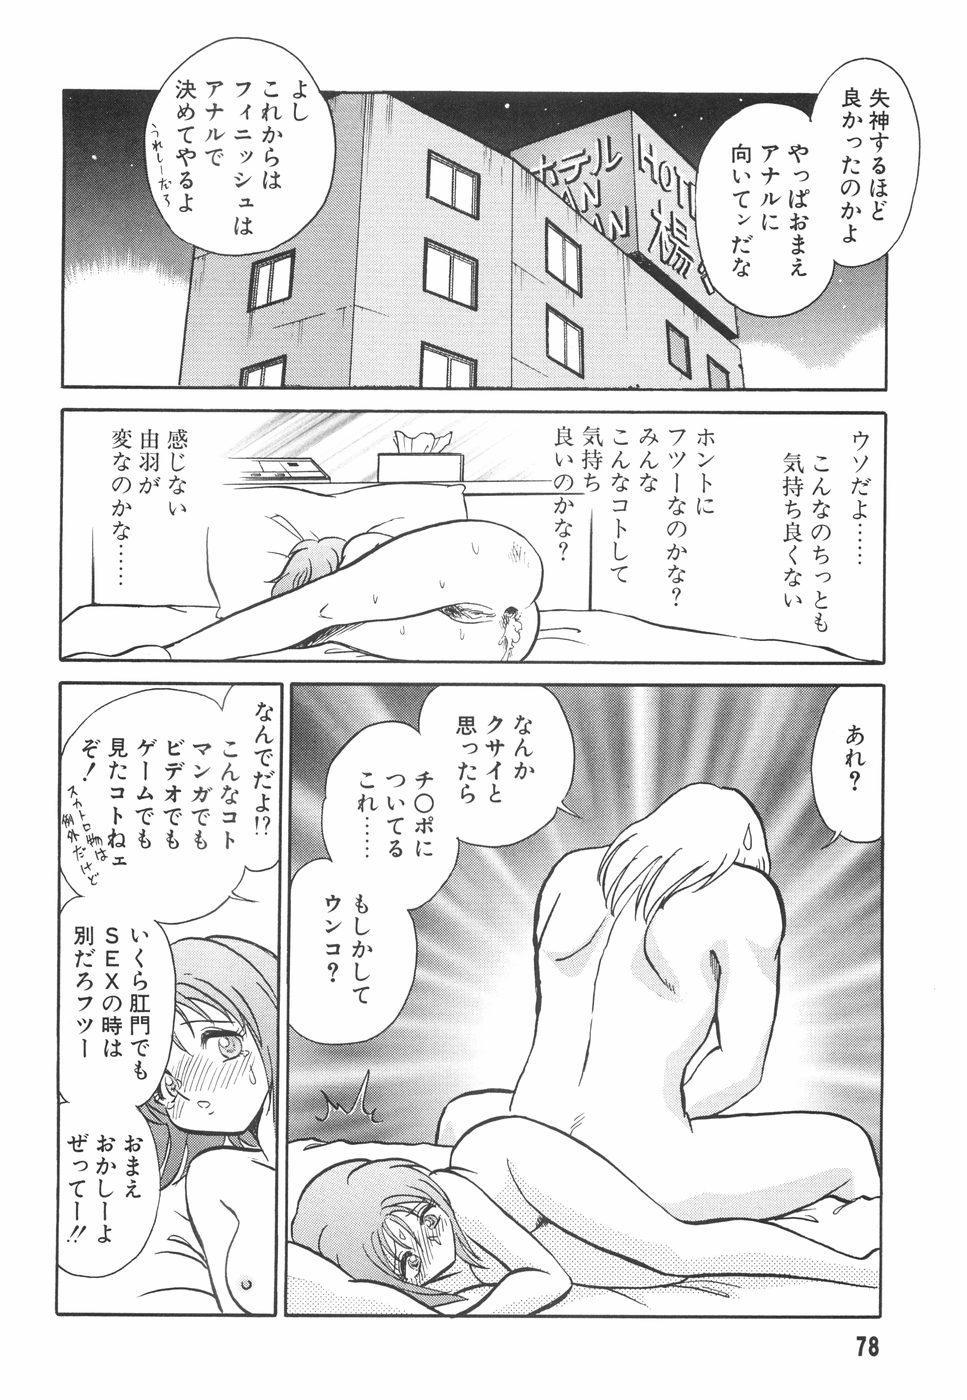 Hazukashime no Jikan 78